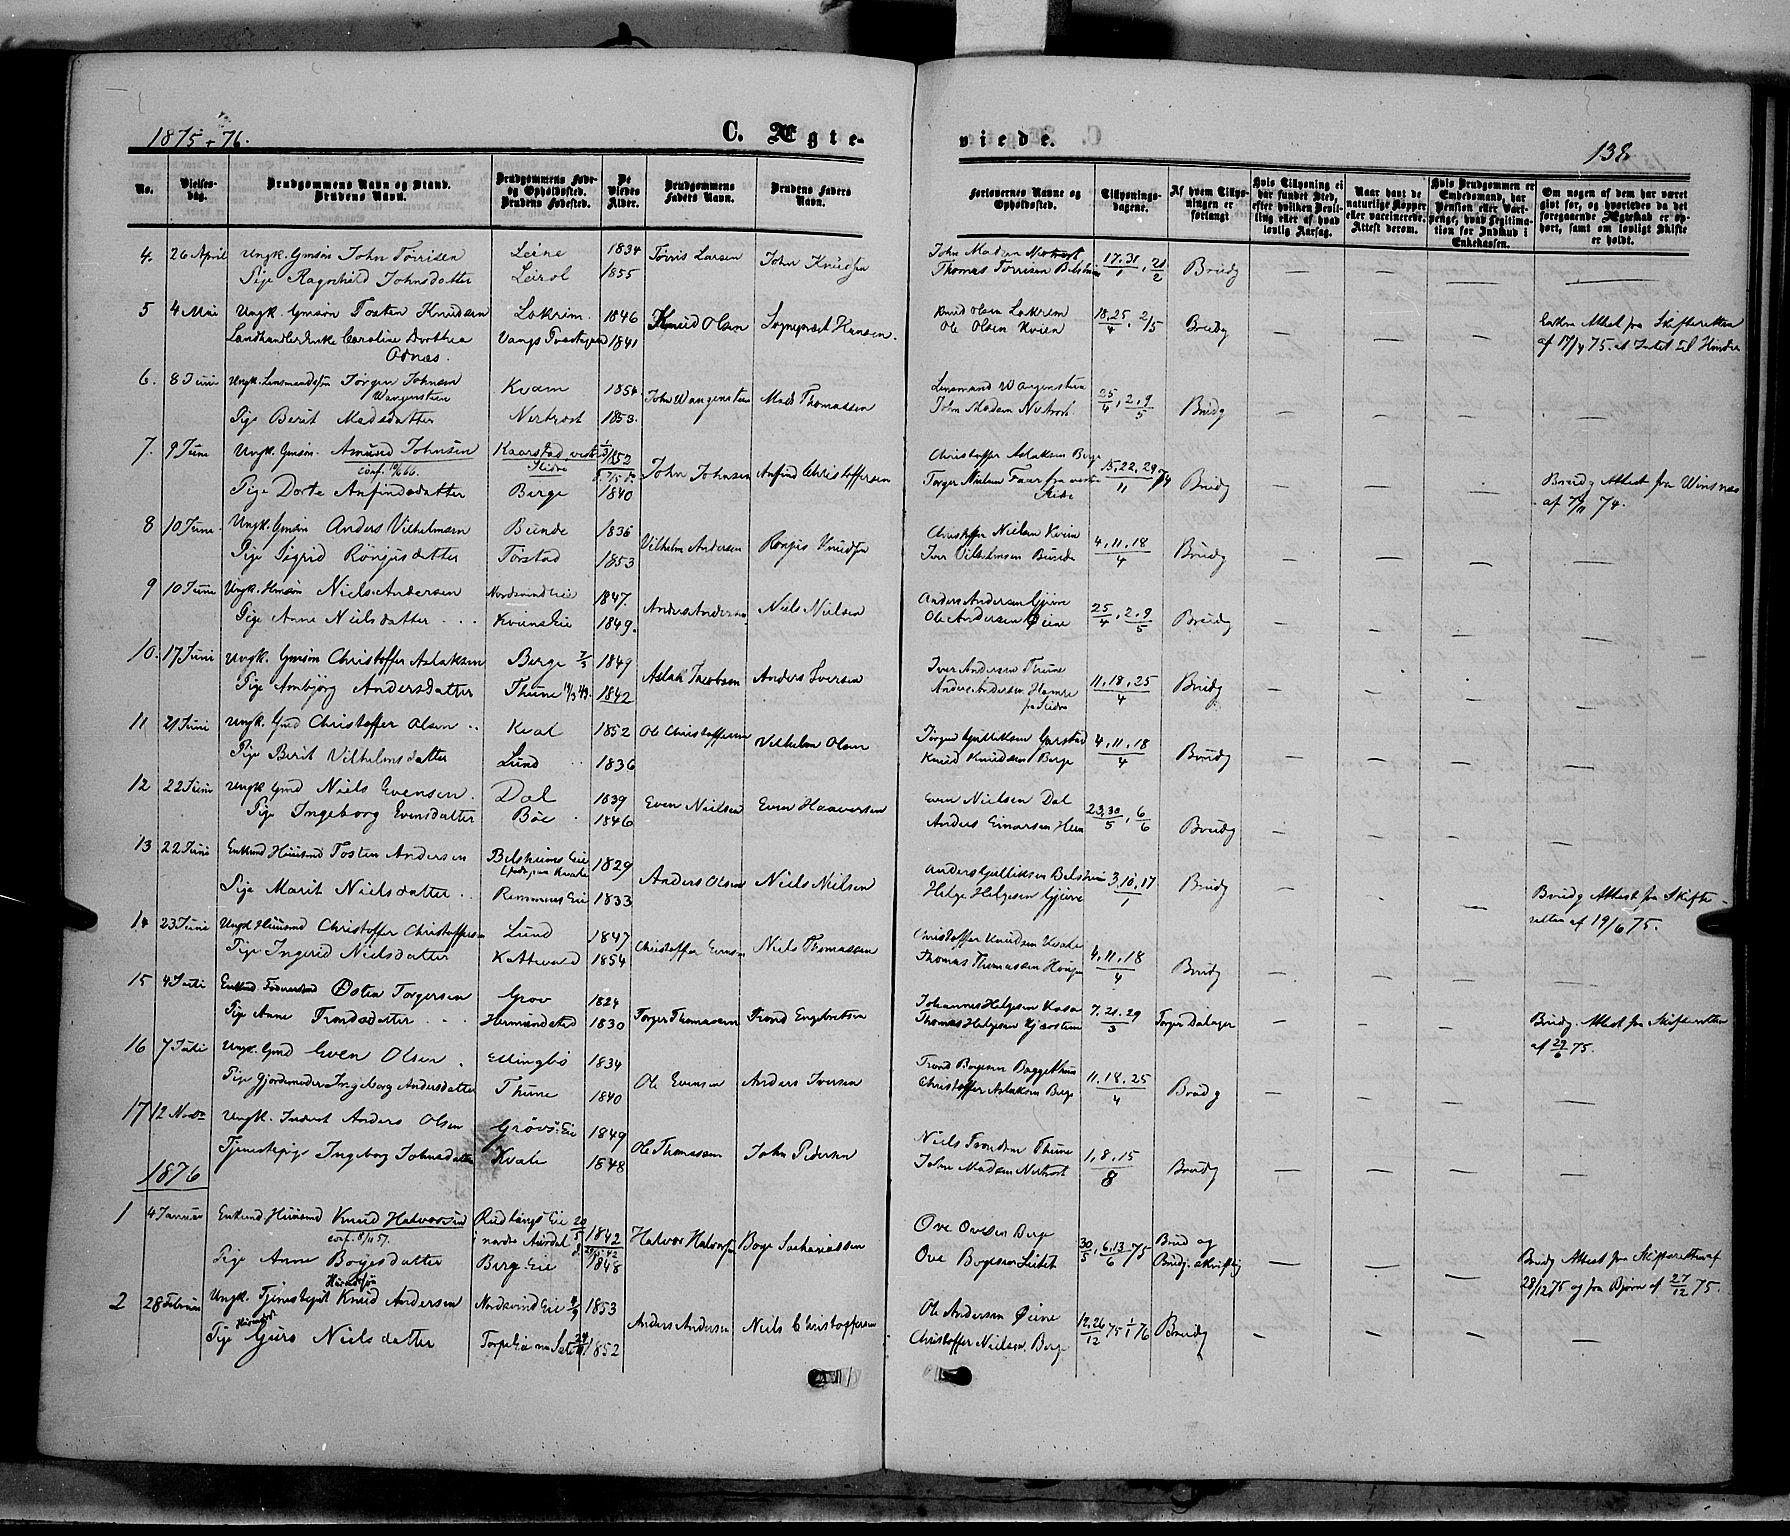 SAH, Vang prestekontor, Valdres, Ministerialbok nr. 7, 1865-1881, s. 138